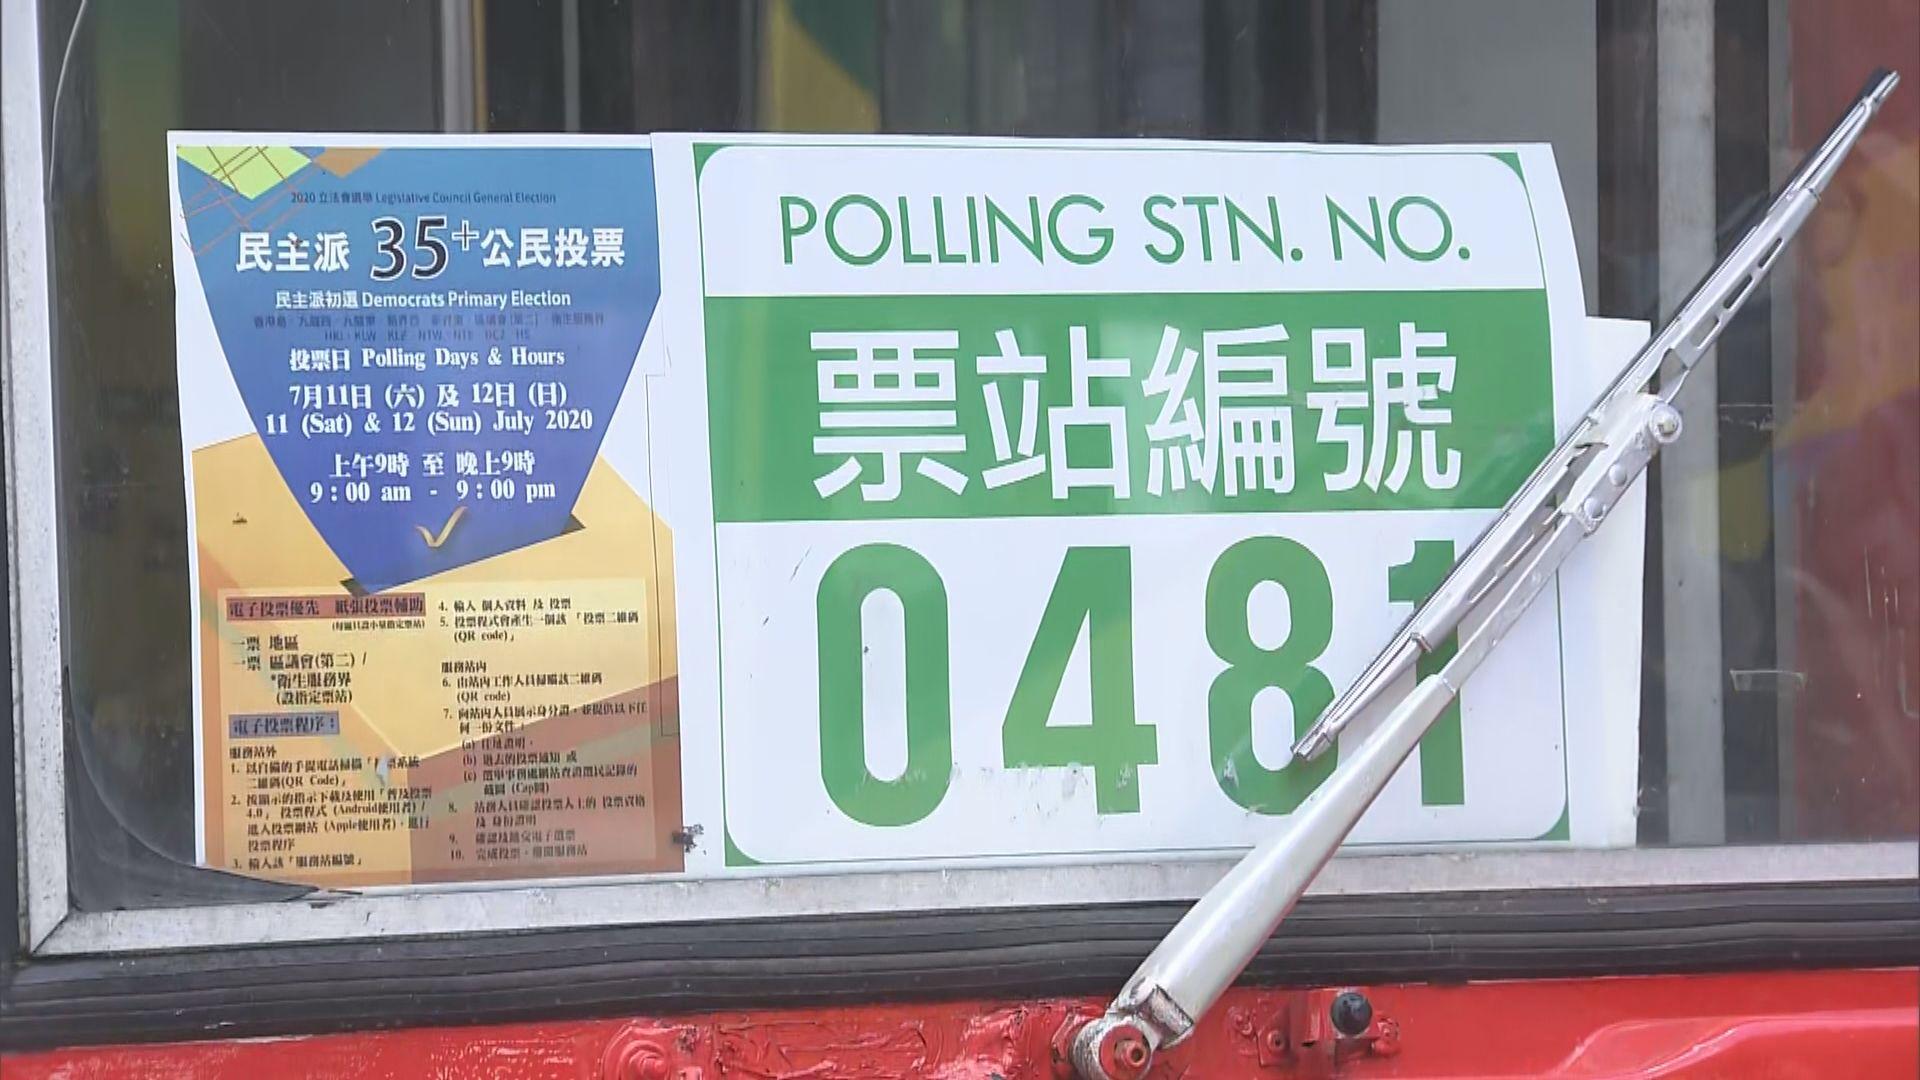 民主派立法會選舉初選 市民不滿官員稱初選或違法